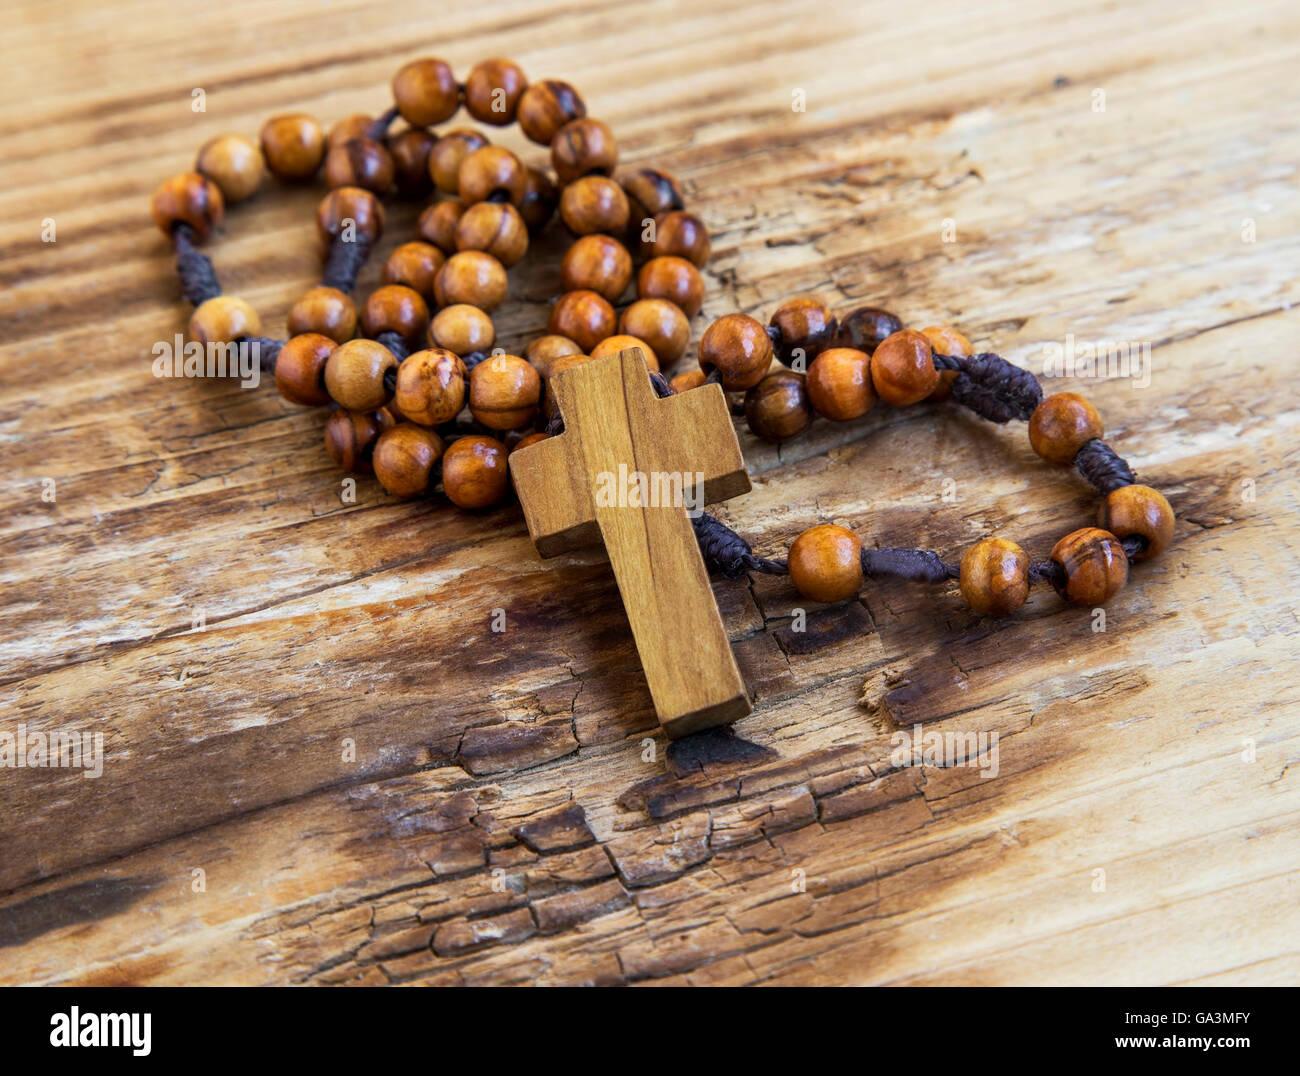 Crocifisso in legno con rosario.Il Cristianesimo simbolo su sfondo di legno Immagini Stock